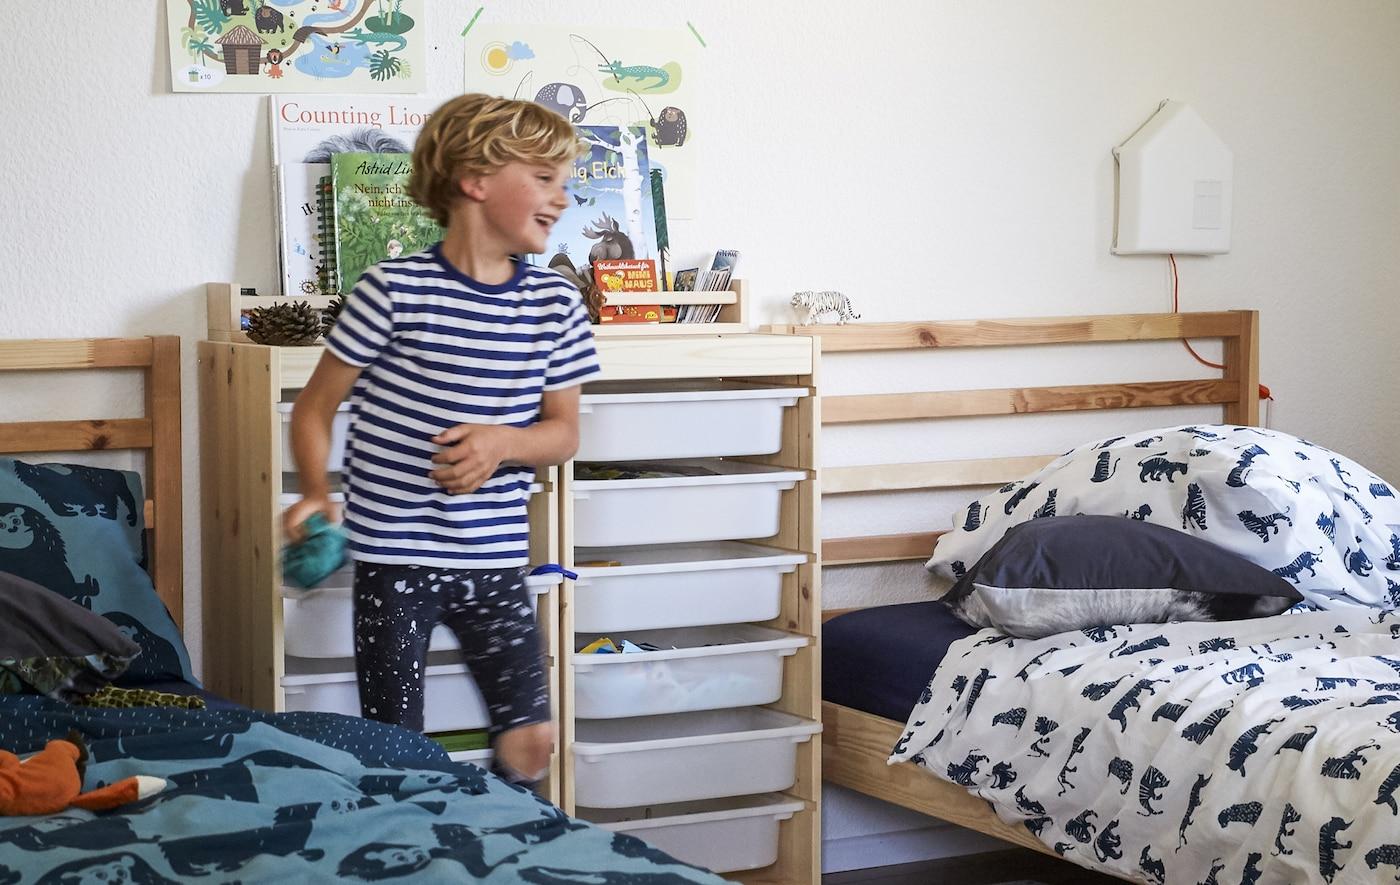 Un garçon dans une chambre d'enfant avec deux lits côte à côte, des rangements en bois et des textiles à motifs.